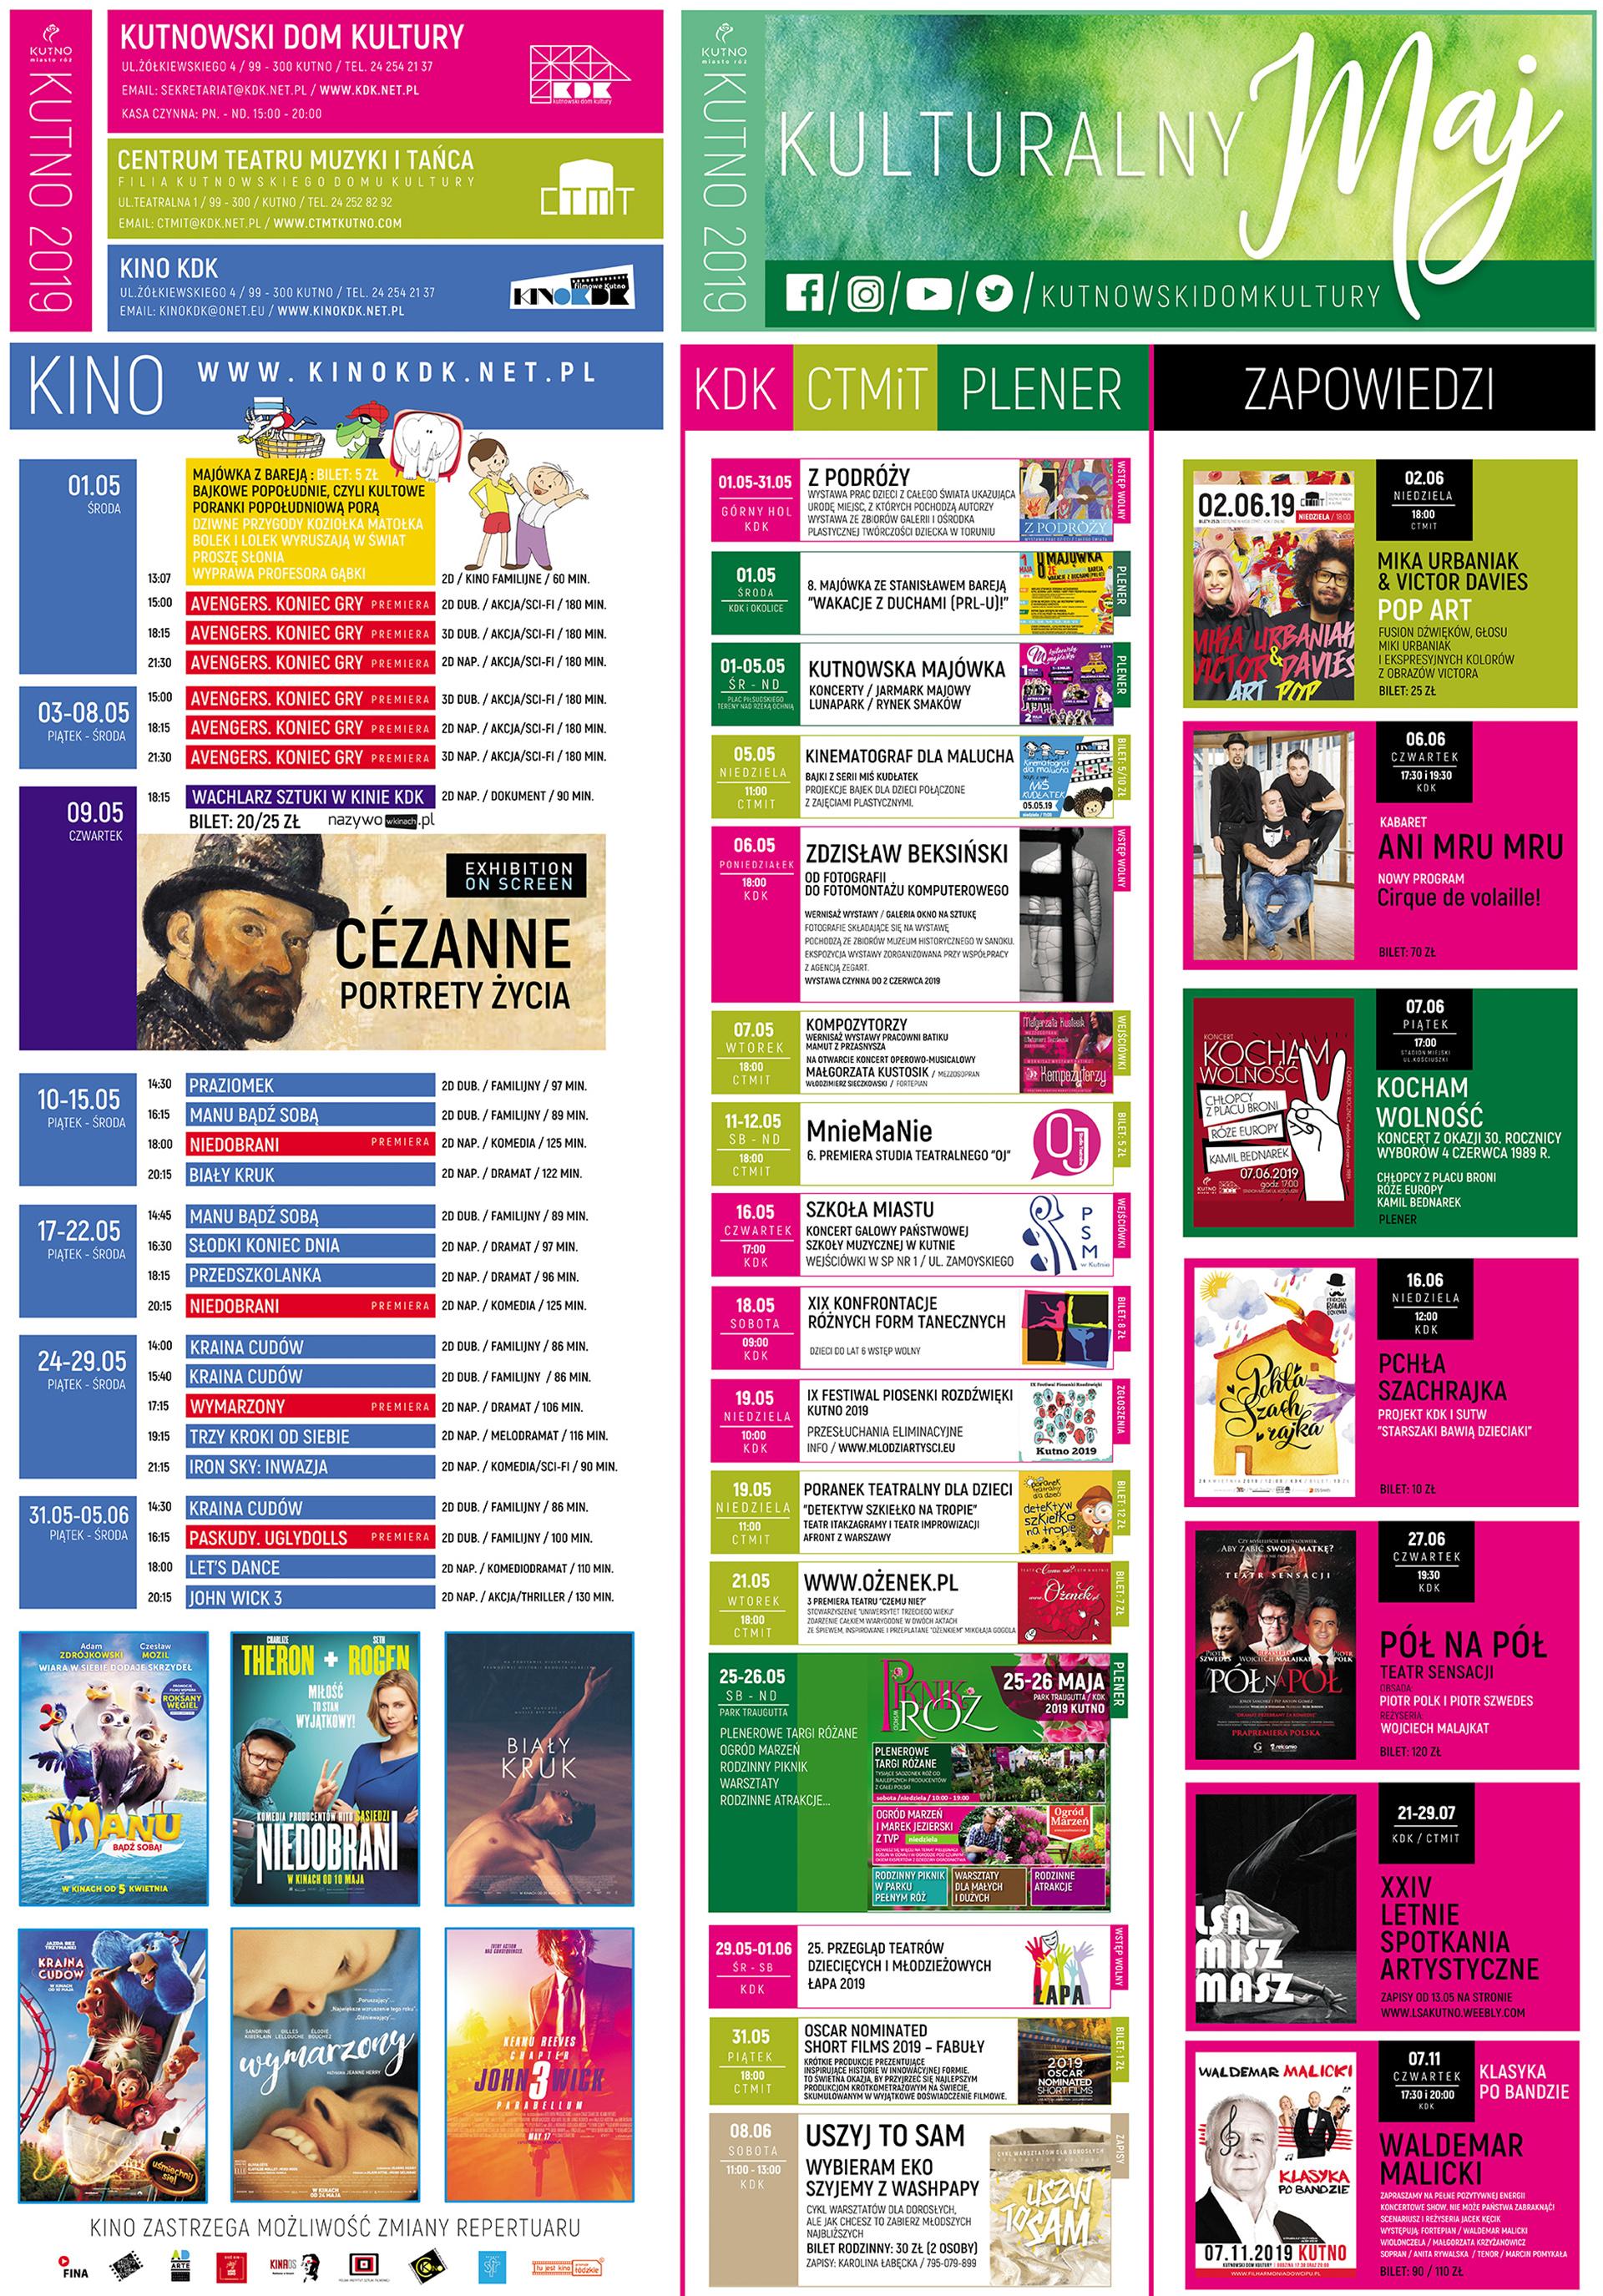 kalendarz kulturalny KDK maj 2019